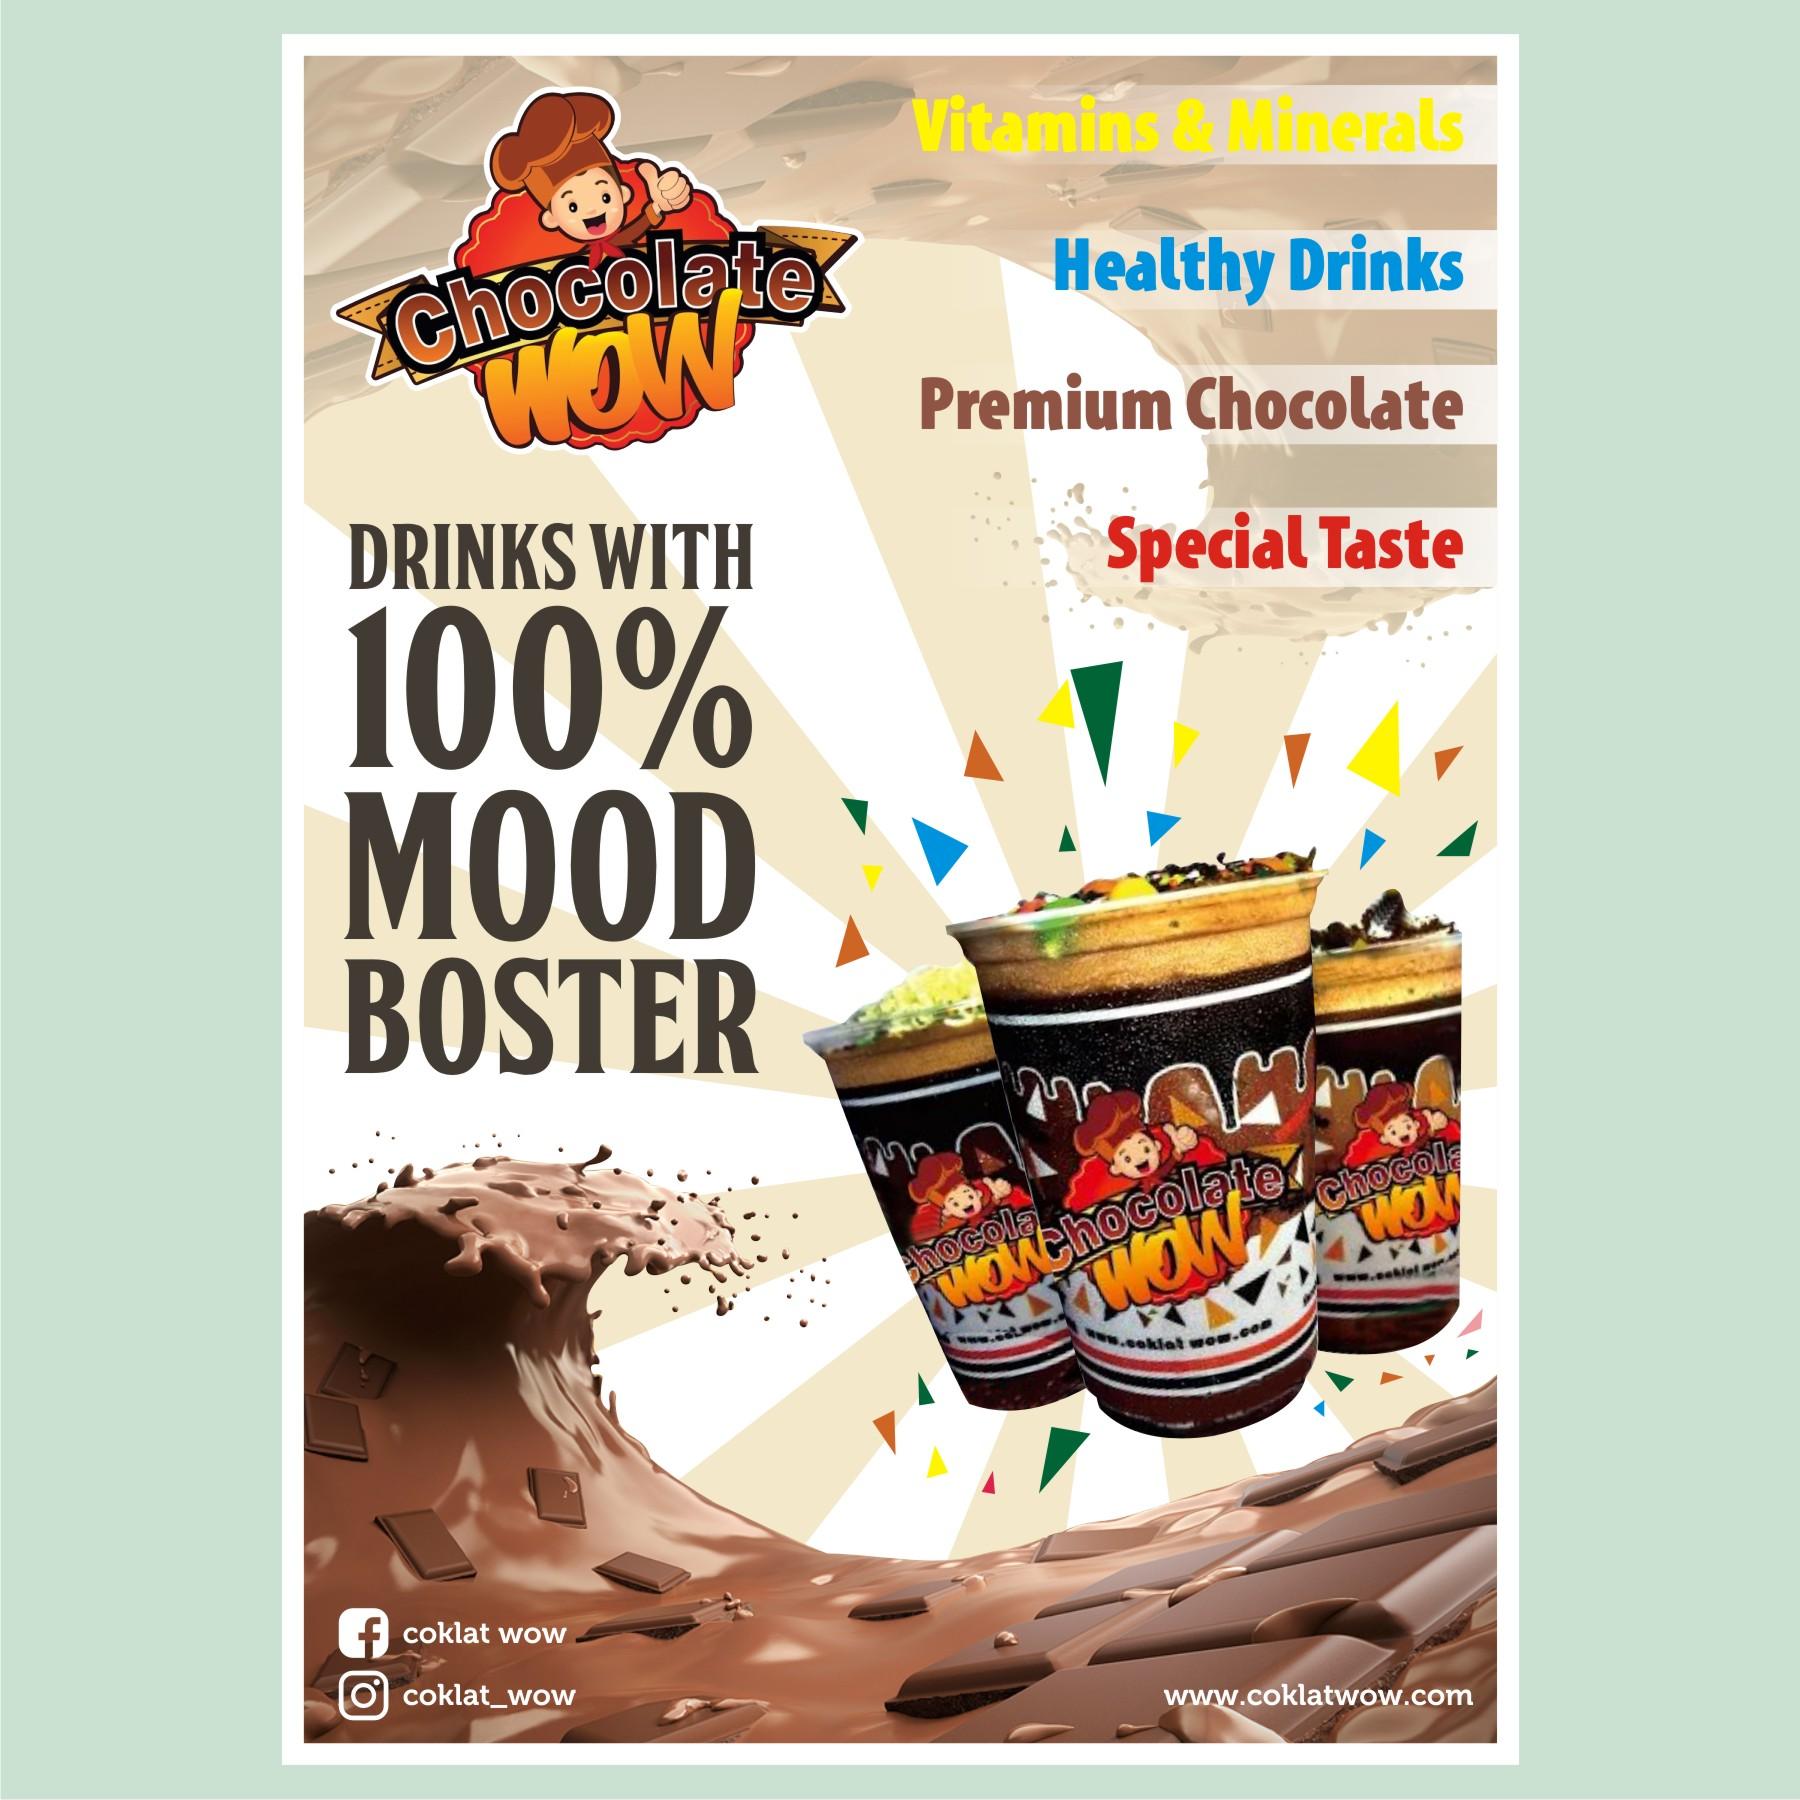 Contoh Poster Promosi Produk Makanan - Contoh Poster Ku